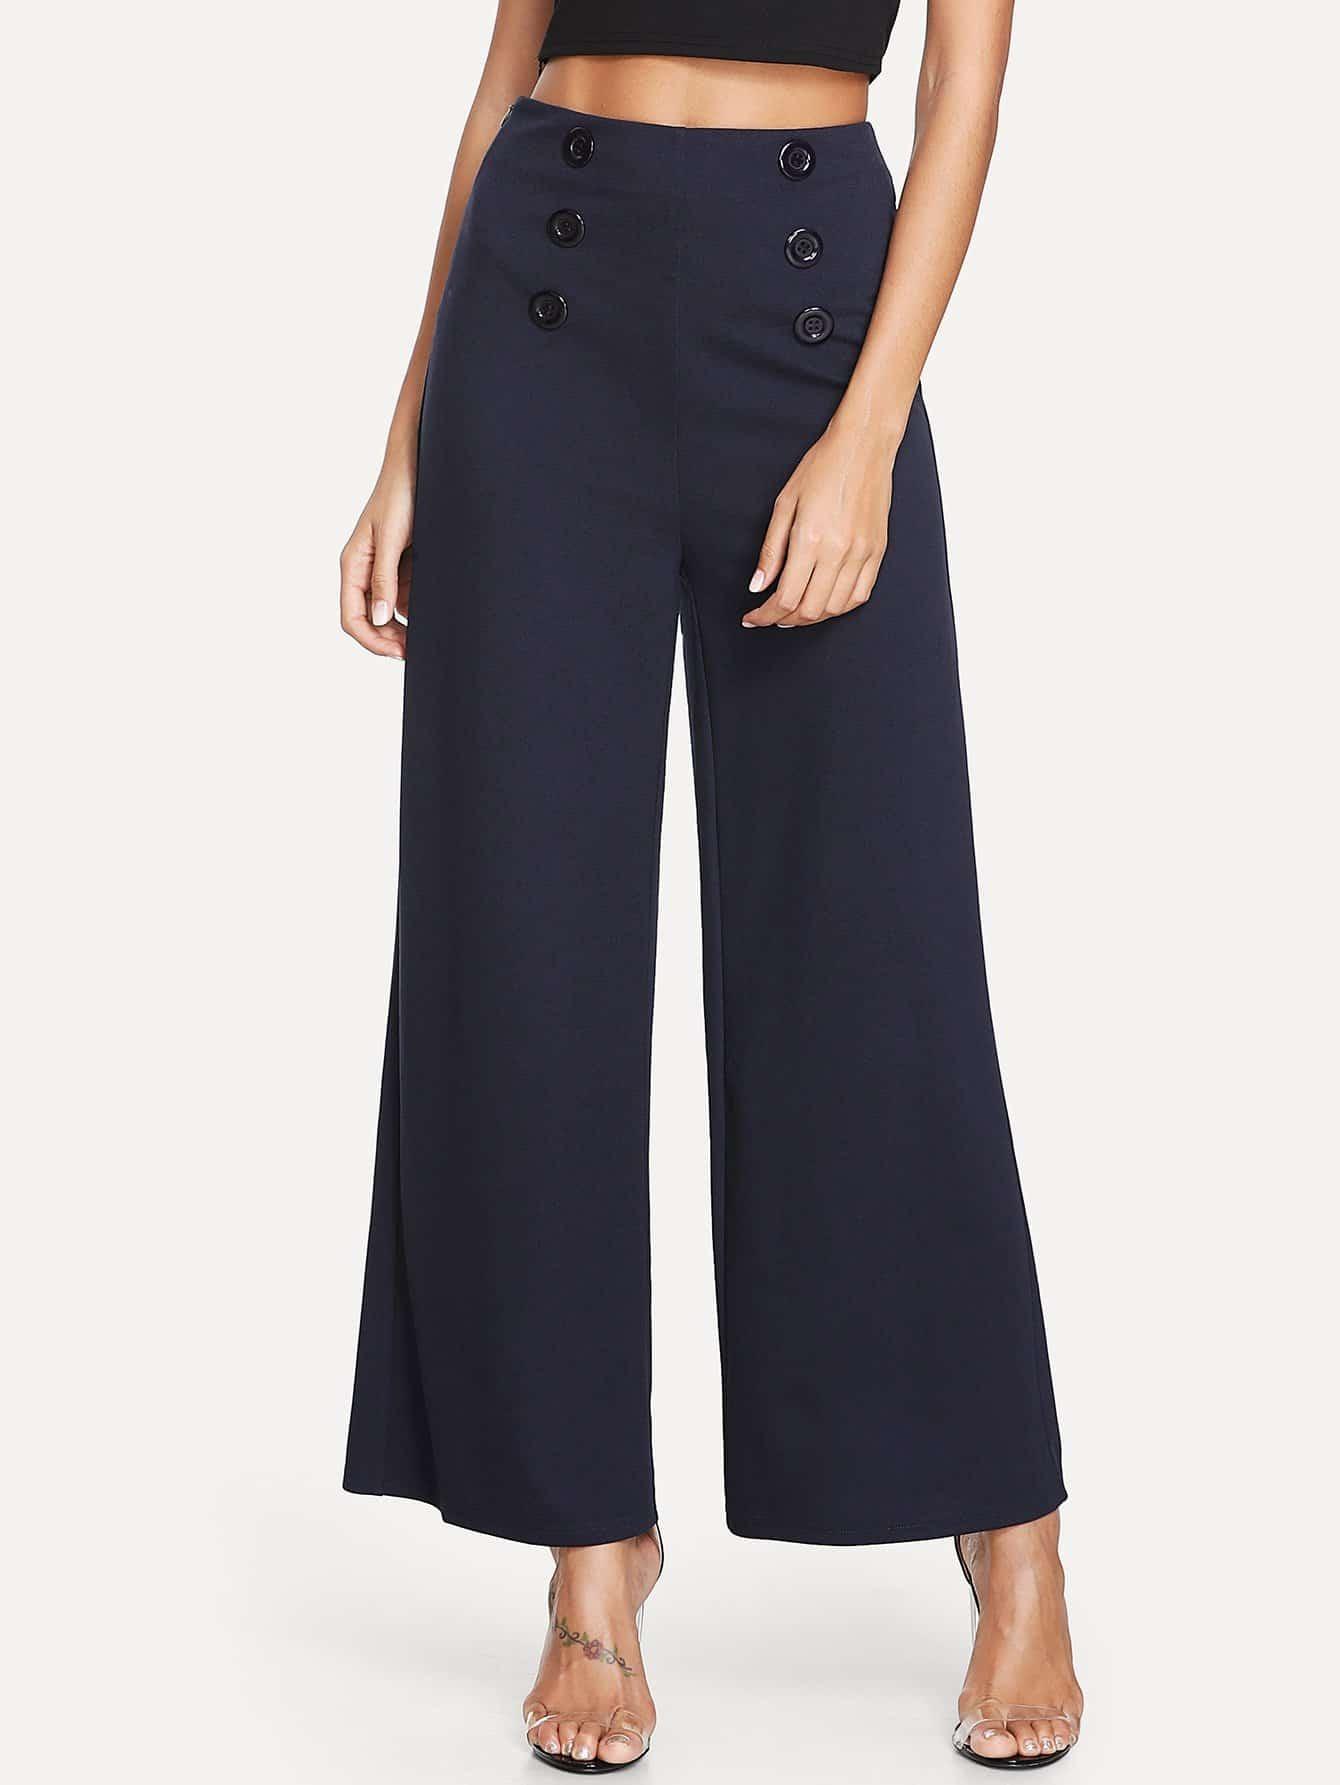 Купить Широкие брюки с пуговицами, Giulia, SheIn